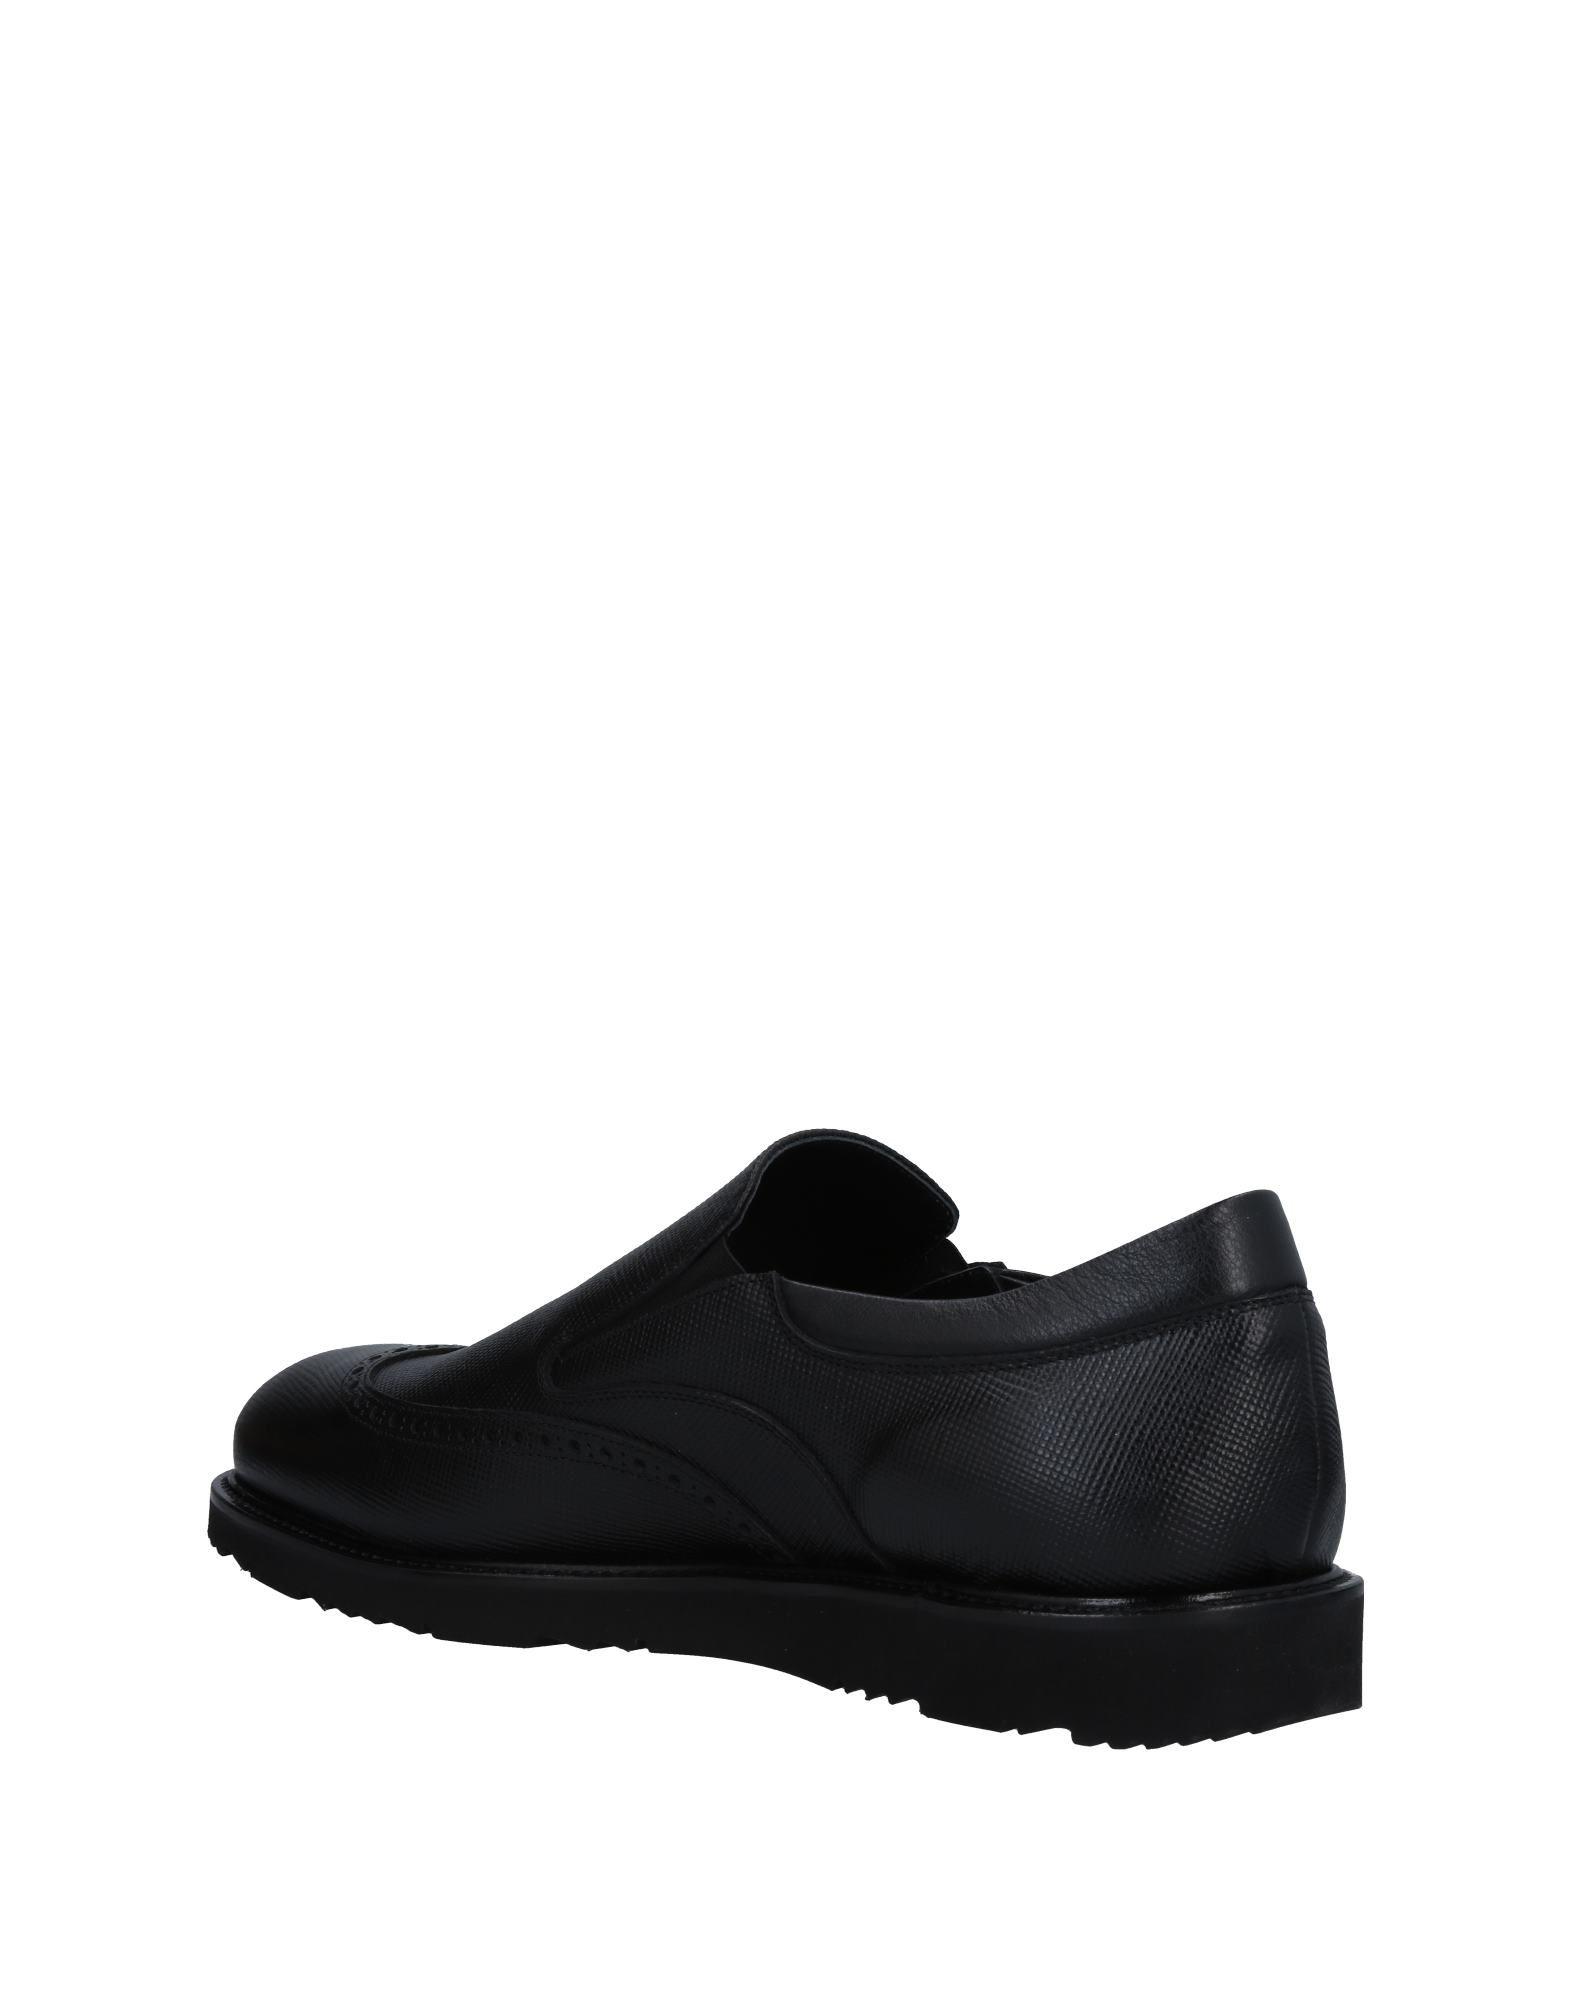 Giovanni Conti Mokassins Herren  11477454SL Gute Qualität beliebte Schuhe